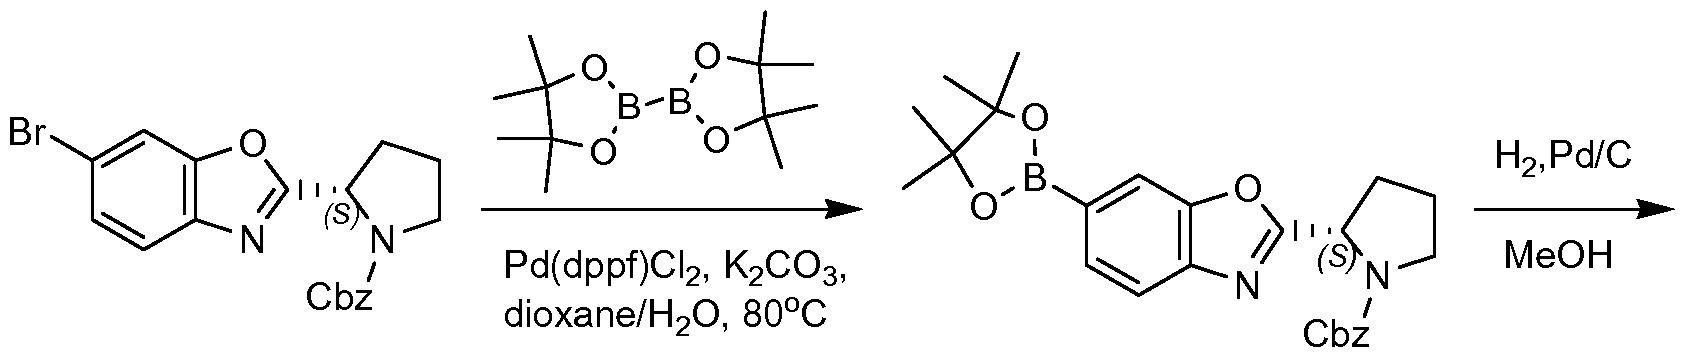 Figure imgf000124_0001